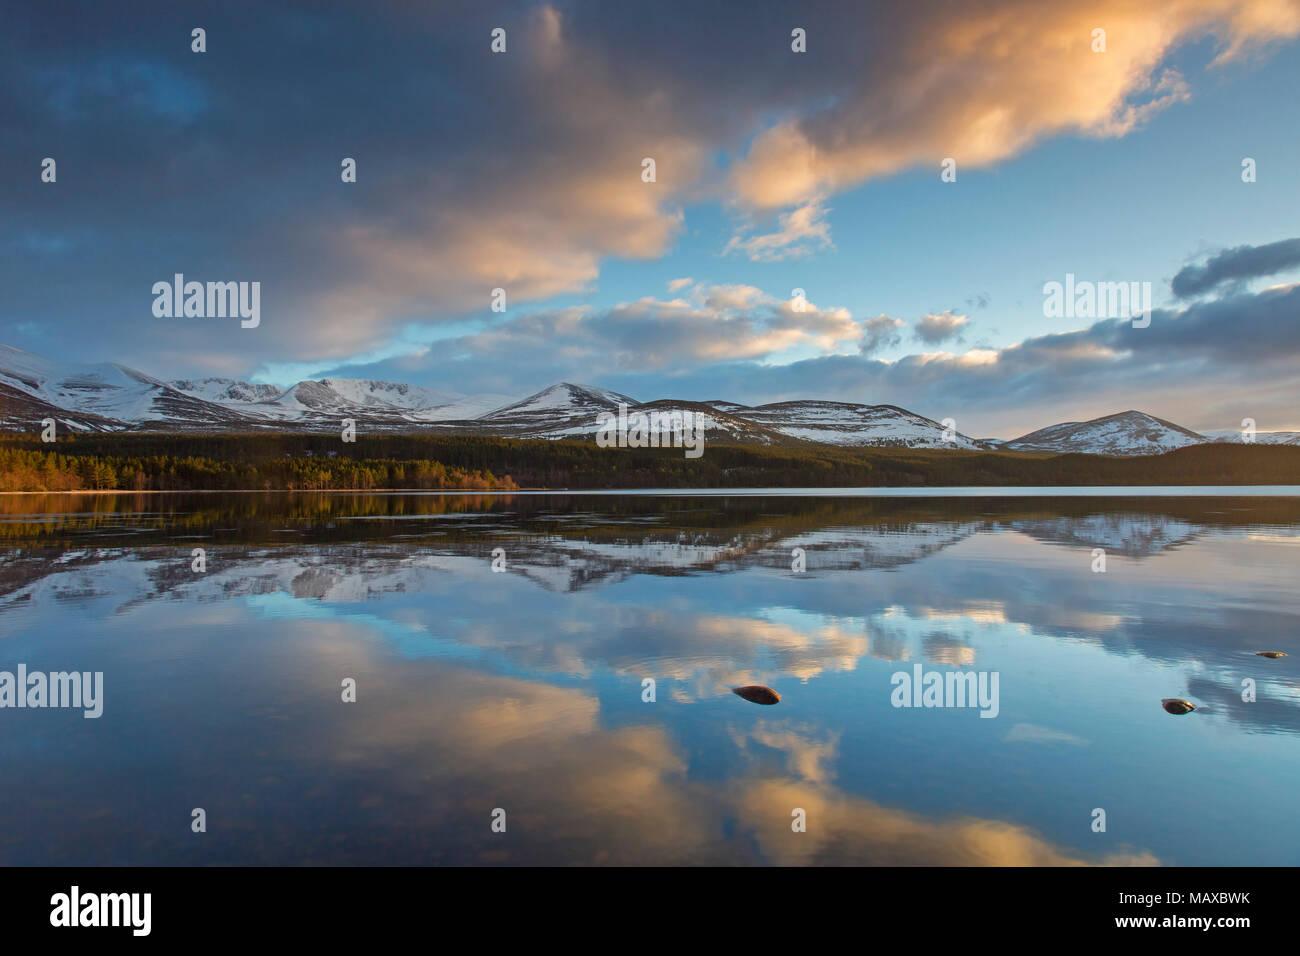 Loch Morlich bei Sonnenuntergang im Winter, Cairngorms National Park, Badenoch und Strathspey, Highland, Schottland, UK Stockbild